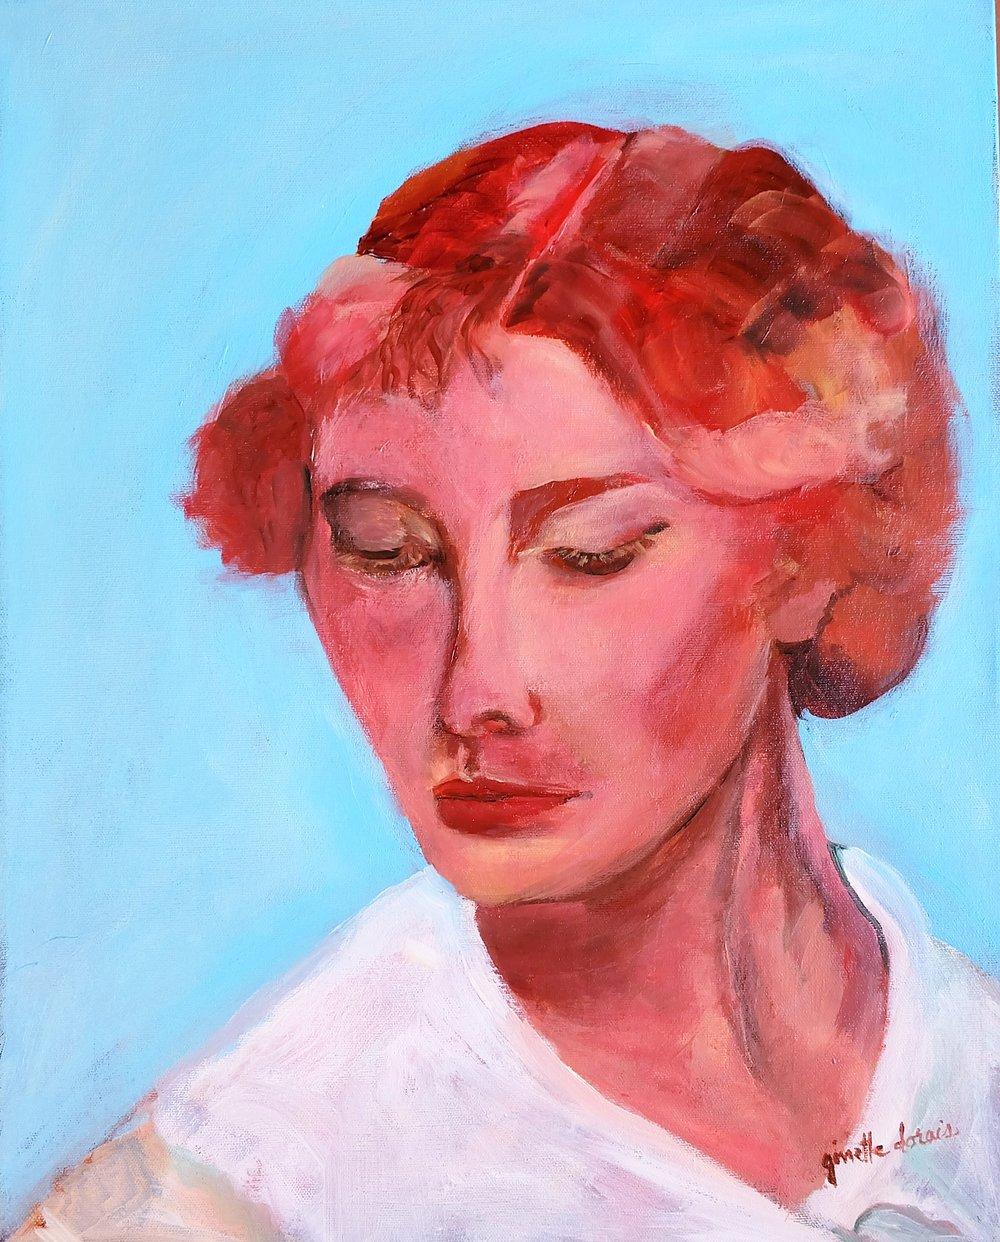 Femme Cancer Huile, 20 X 16 po. @ ginette dorais